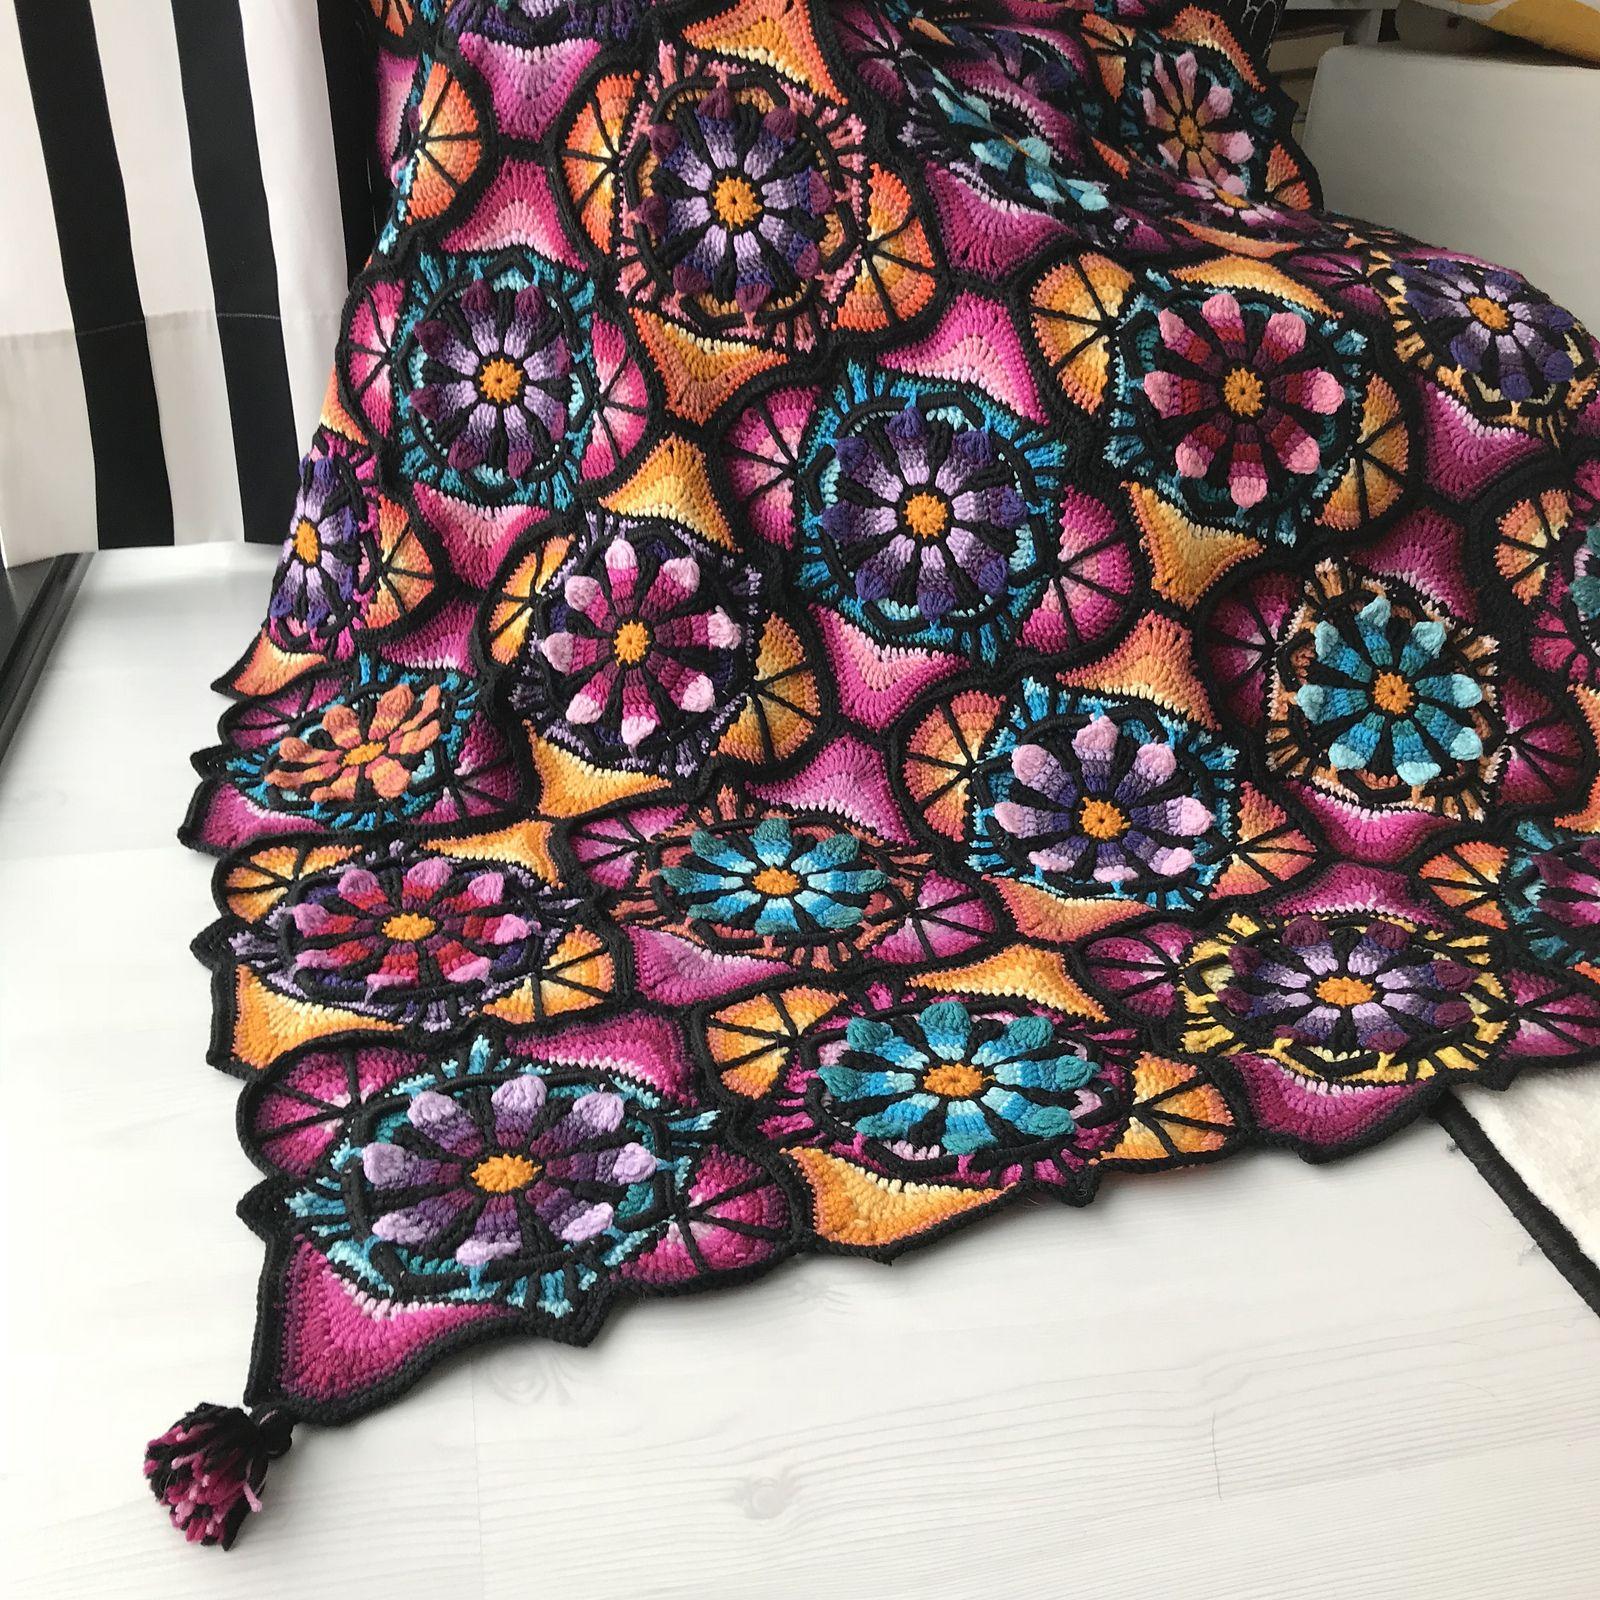 Stained Glass Flowers Blanket By Johanna Lähteenvuo - Free Crochet Pattern - (ravelry)